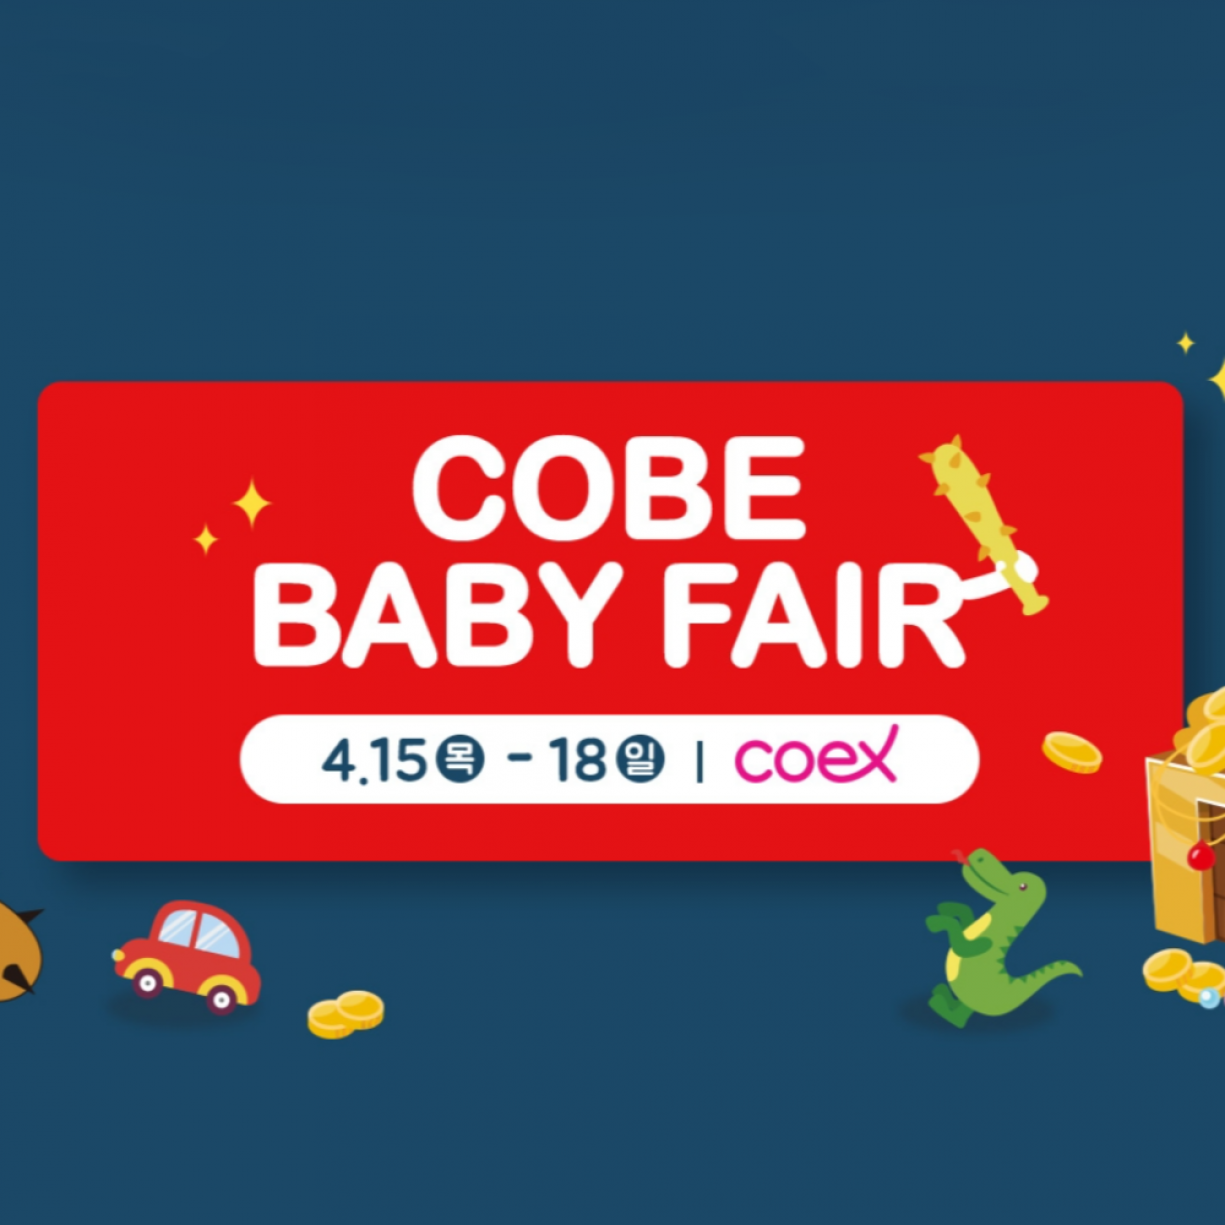 Выставка товаров для детей Cobe